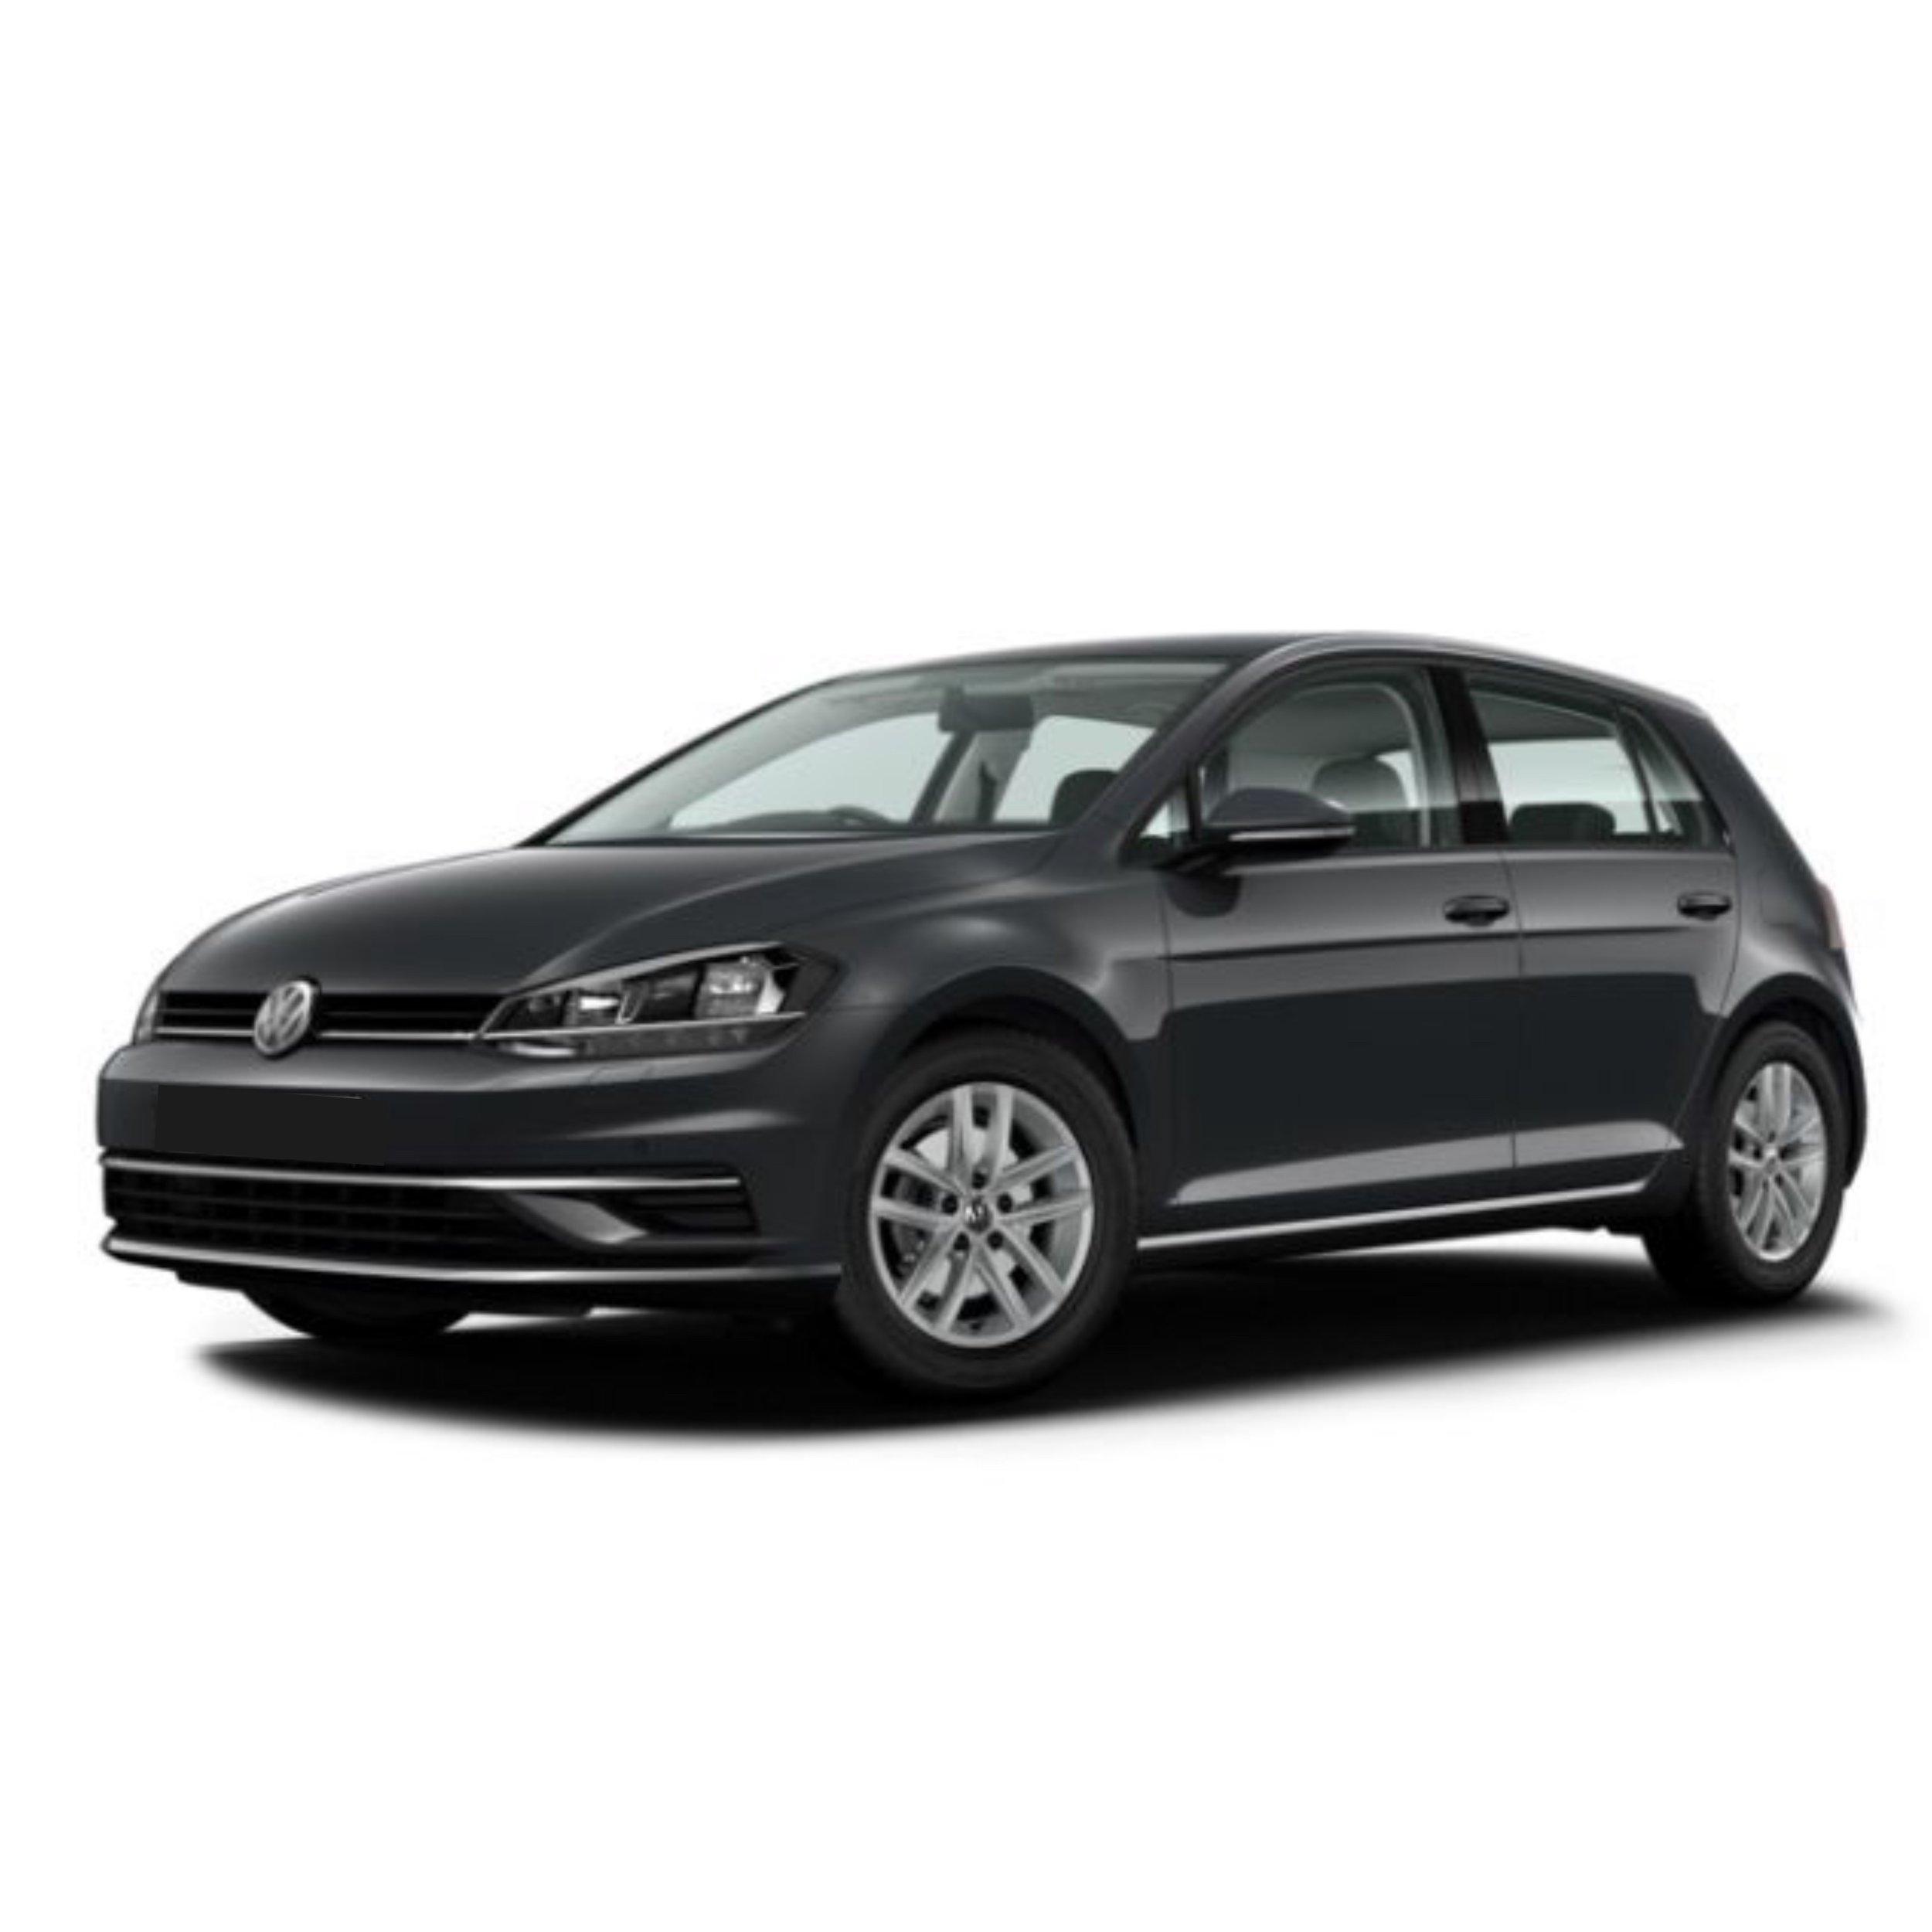 VW Golf 1.6 TDI (115 PS)164,00€ / Monat - *Nur Gewerbekunden*alle Werte zzgl. der jeweiligen Umsatzsteuer